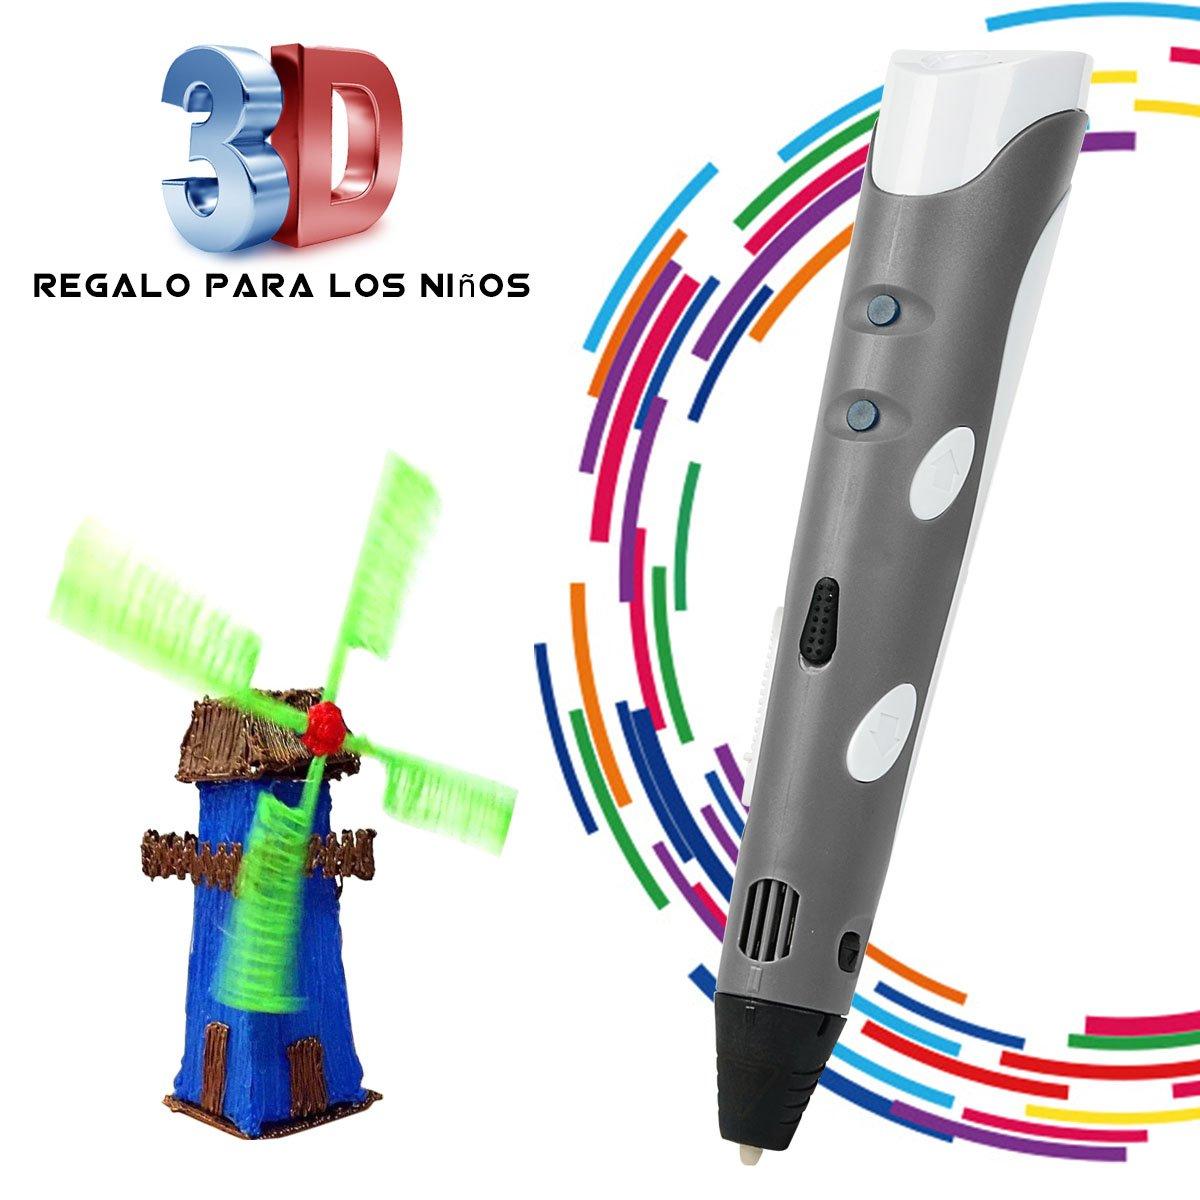 Penna Stampa 3D BANGBO Intelligent 3D Pen on Supporto perla Penna e filamenti per la creazione e la pittura Doodling, Arrancio HW-3DpenEU-Orange